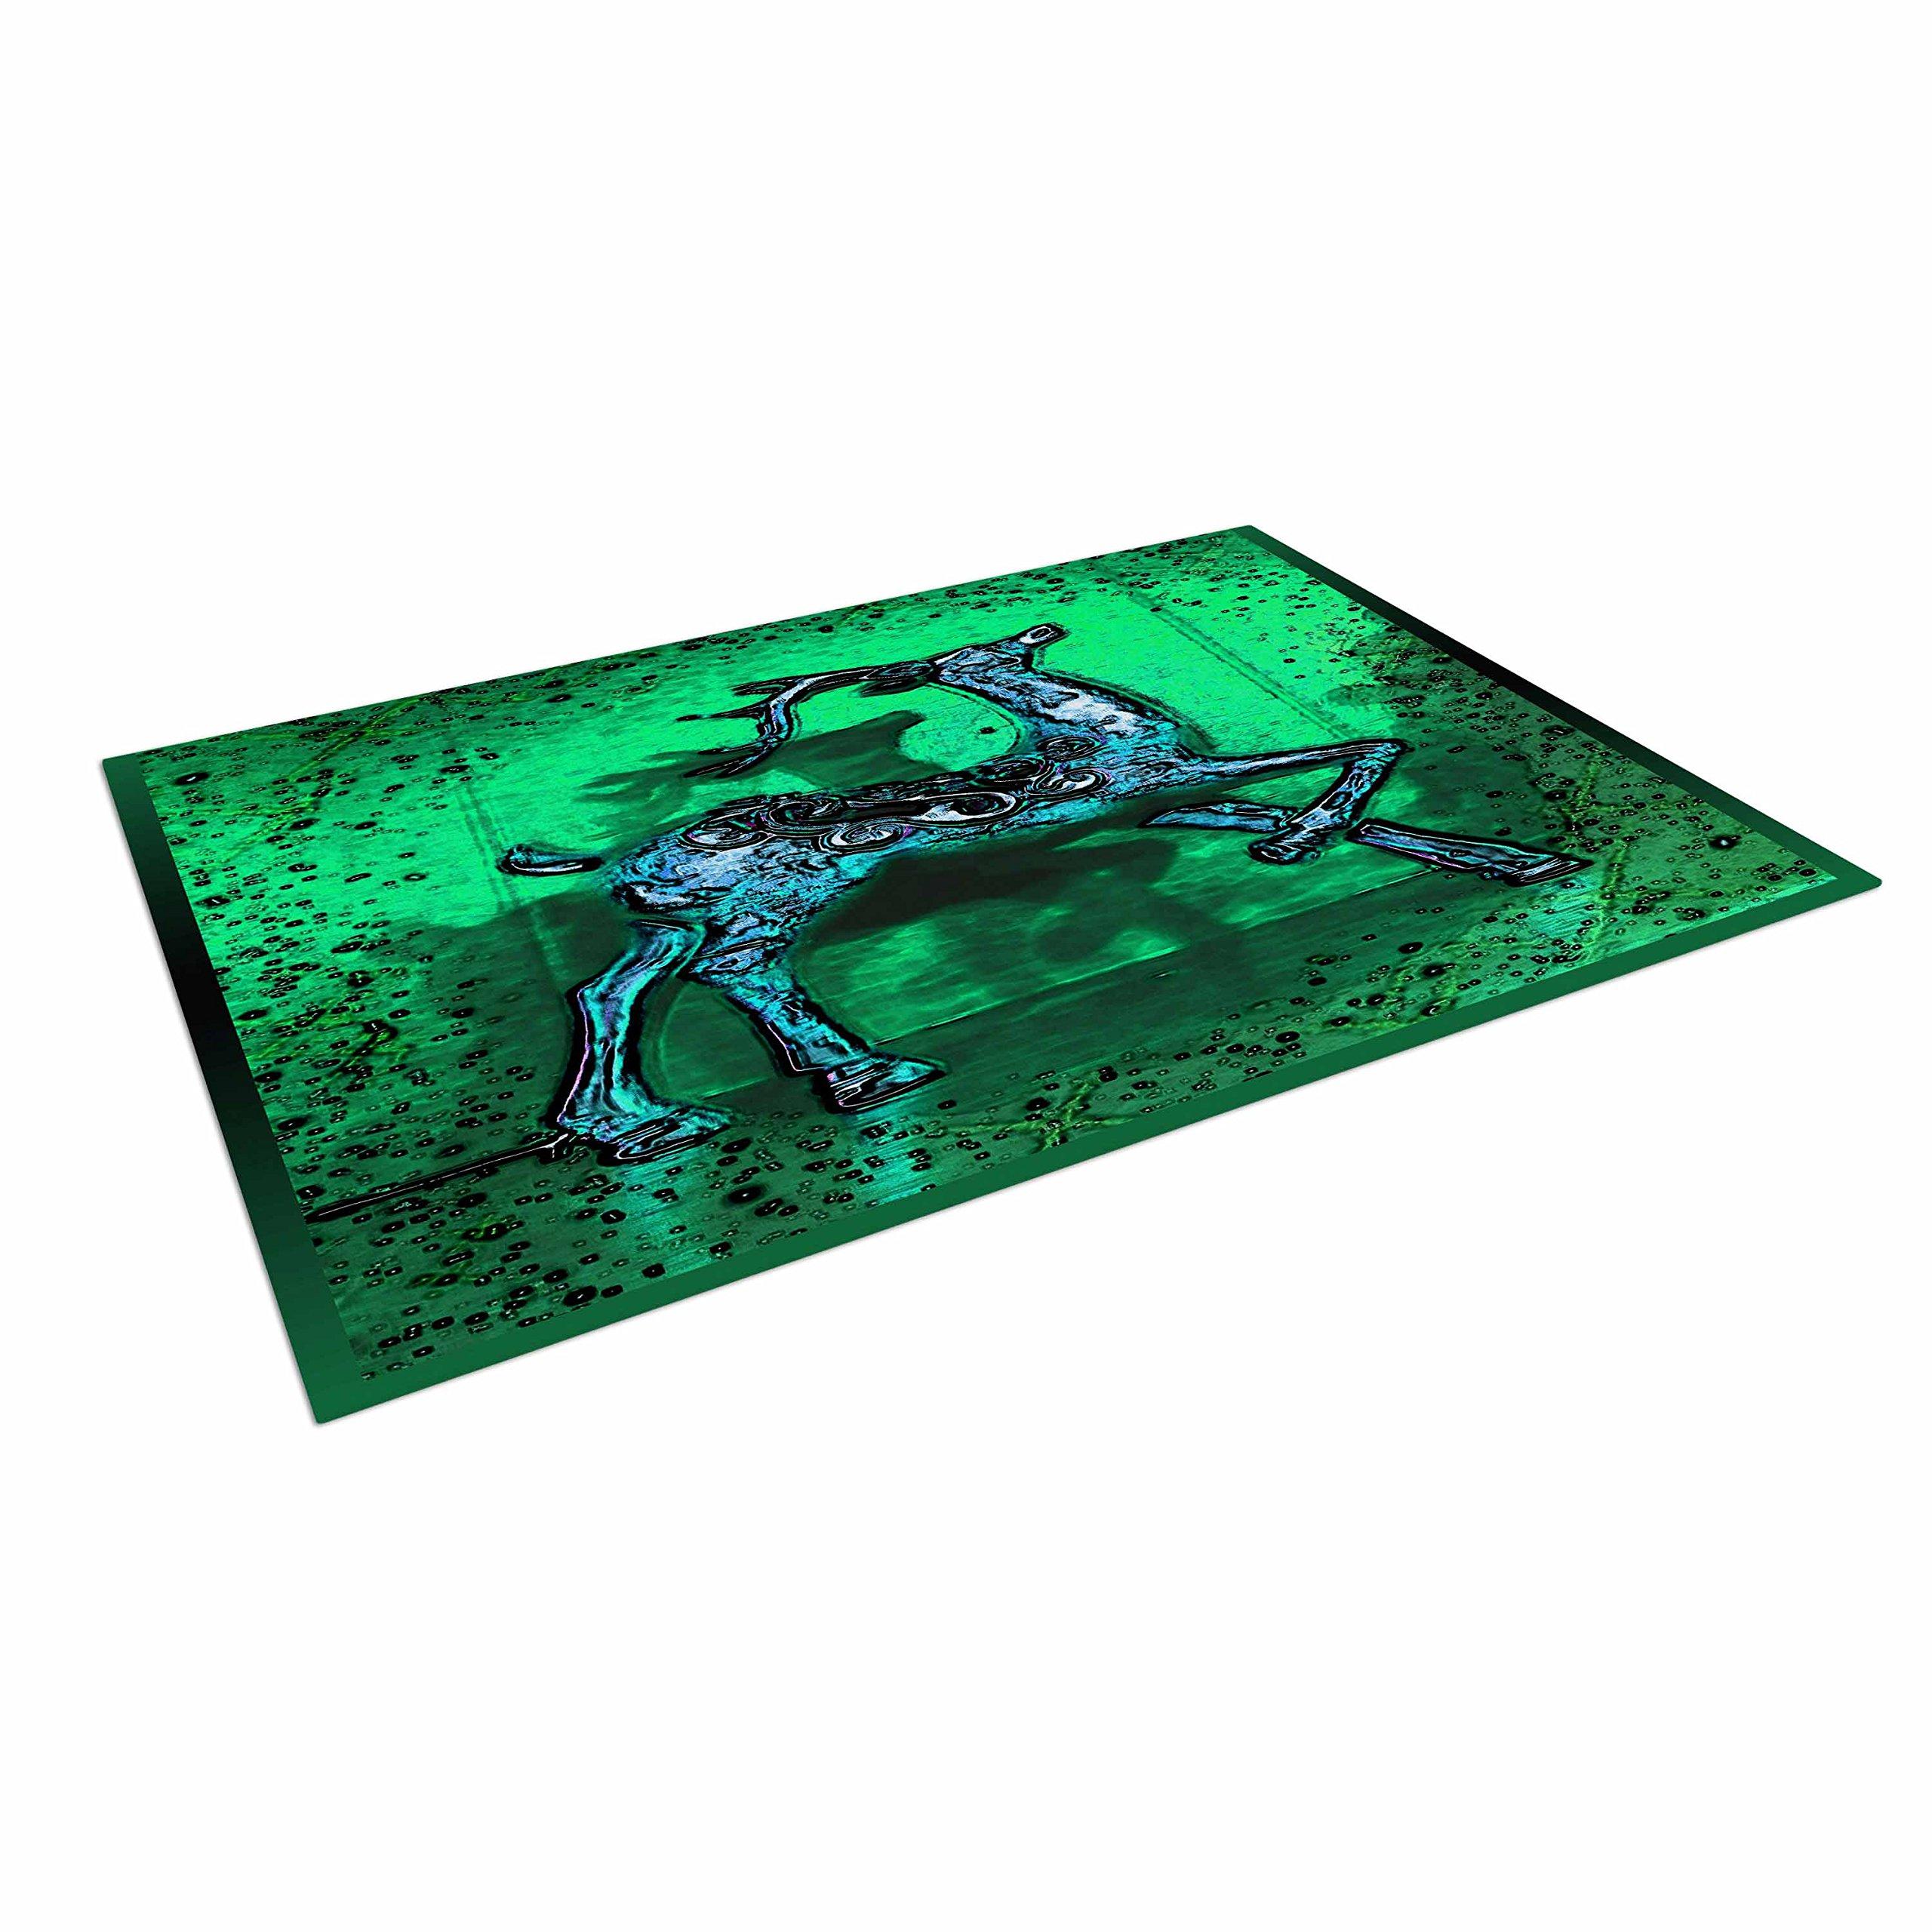 KESS InHouse Anne LaBrie ''Dance On'' Green Blue Outdoor Floor Mat, 4' x 5'